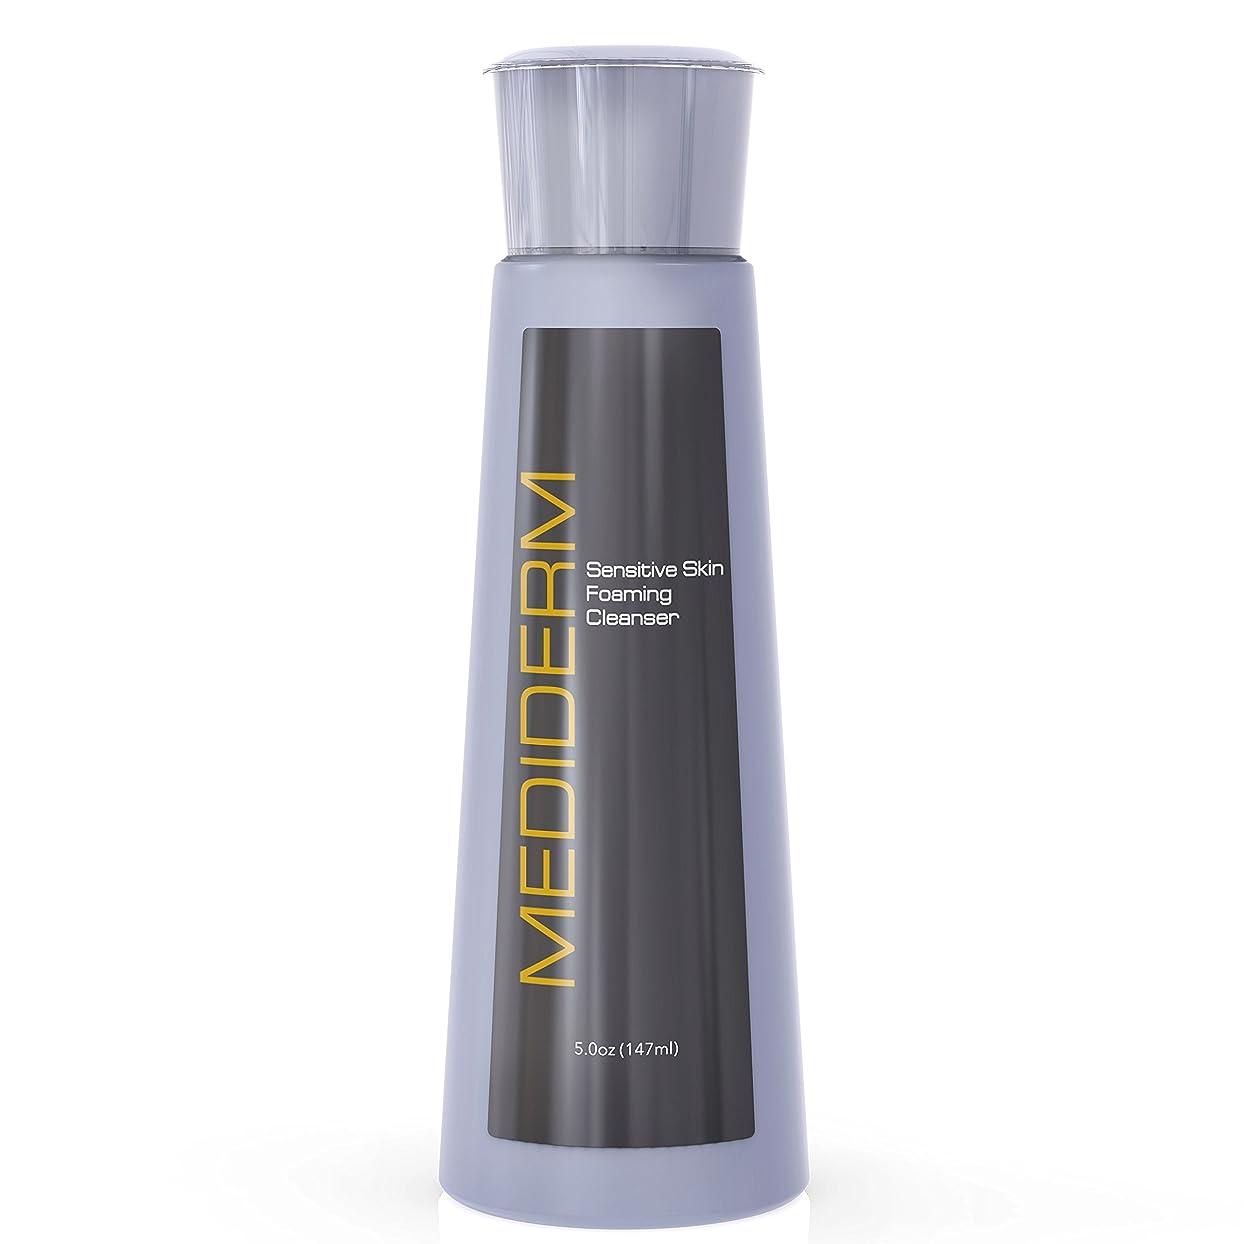 醸造所一般的な実質的MediDermフェイシャルフォーミングクレンザー、敏感肌、穏やかなフェイスウォッシュが不純物を除去し、栄養を与え、男性と女性のスキンを保護します。 7オンス